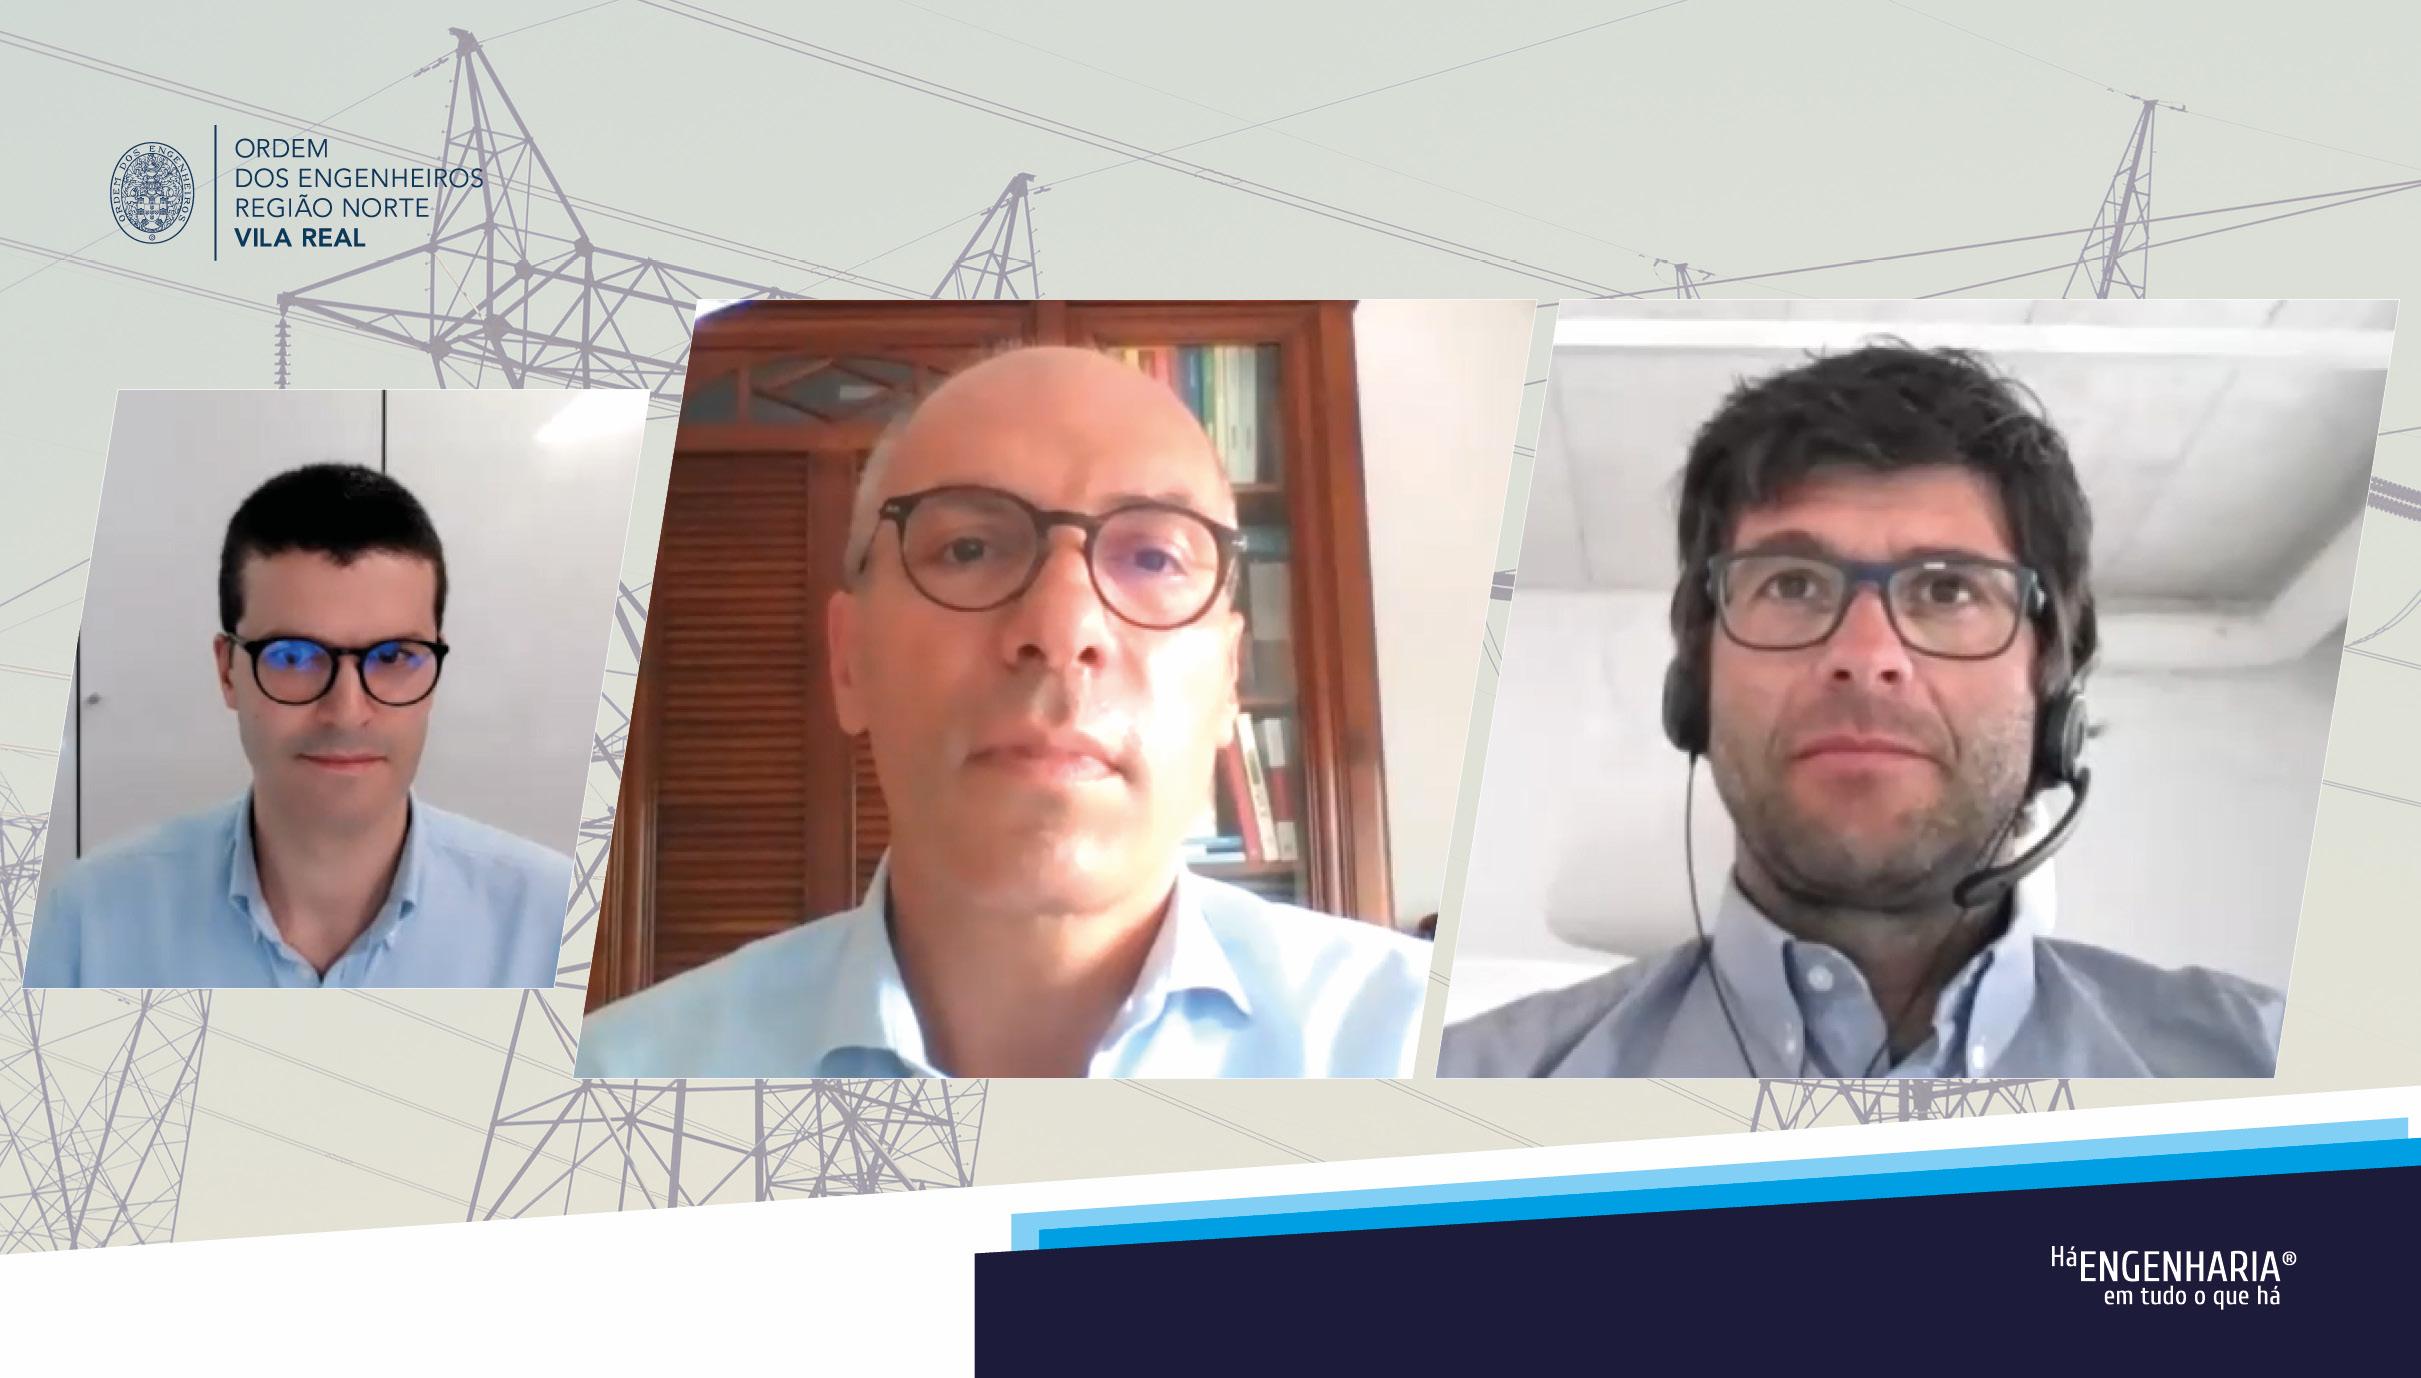 Plataforma Notícias Ordem Engenheiros Região Norte - Transição energética debatida em sessão organizada pela D.D. de Vila Real